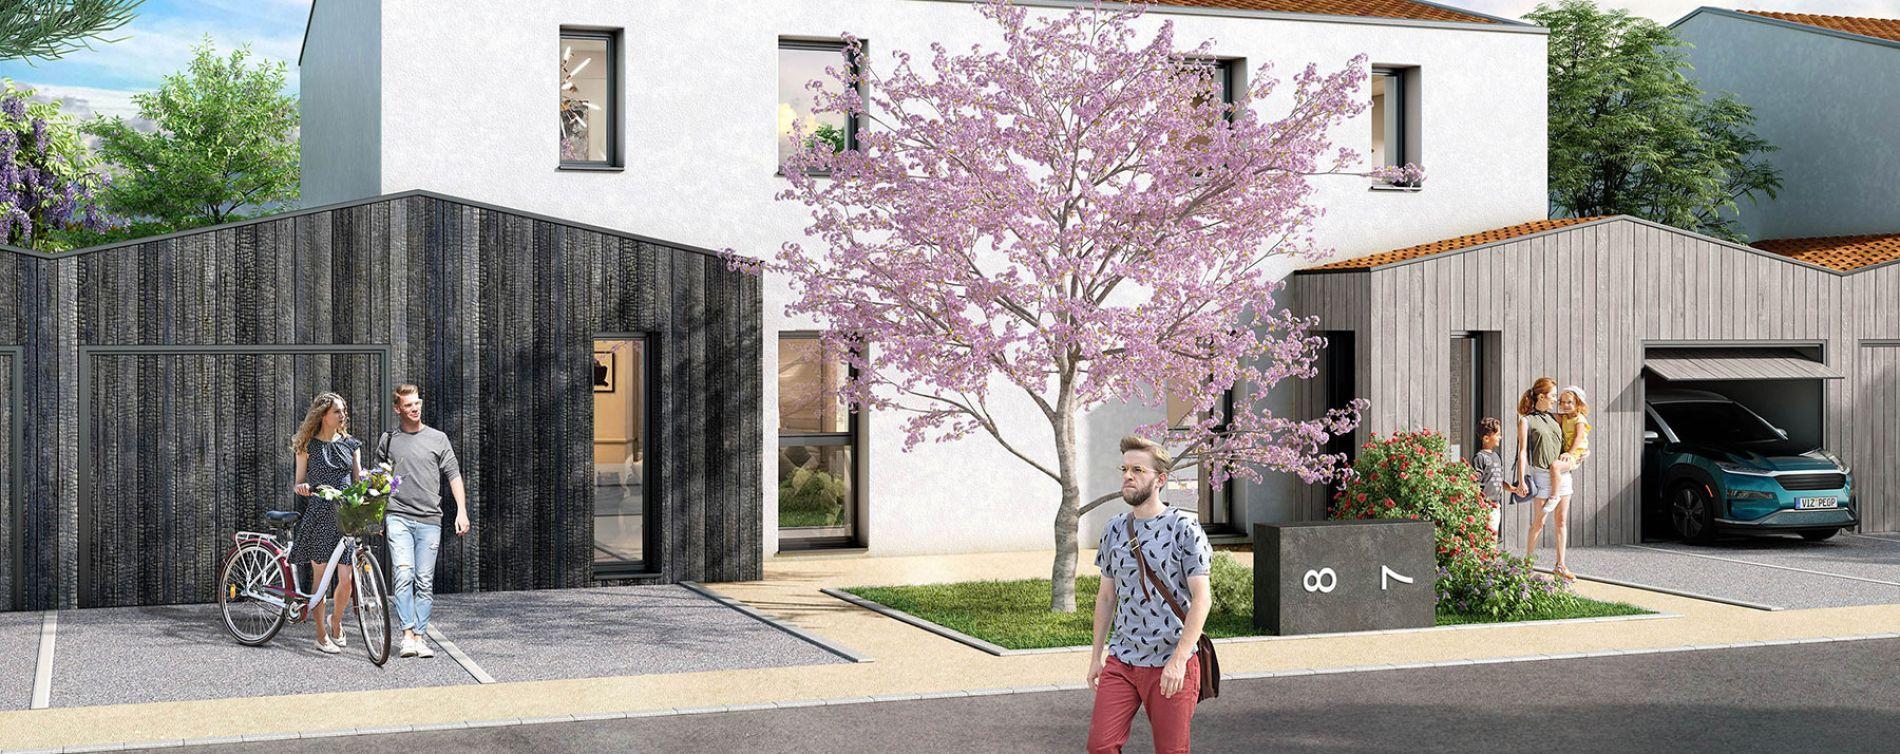 Le Pian-Médoc : programme immobilier neuve « Ô Bosquets » (4)